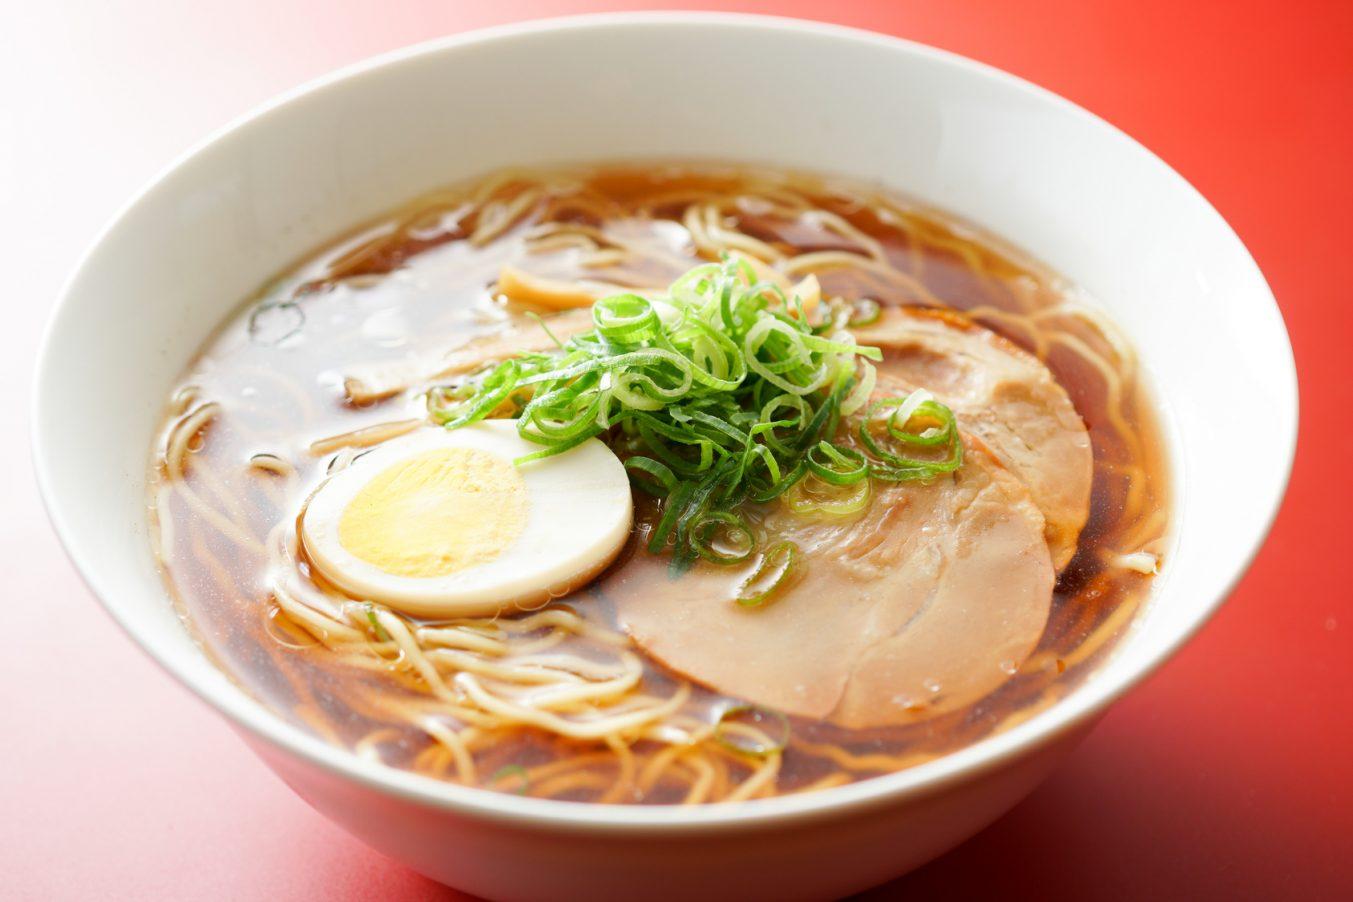 東京からドライブで行きたい神奈川県の美味しいラーメン屋17選+駐車場情報